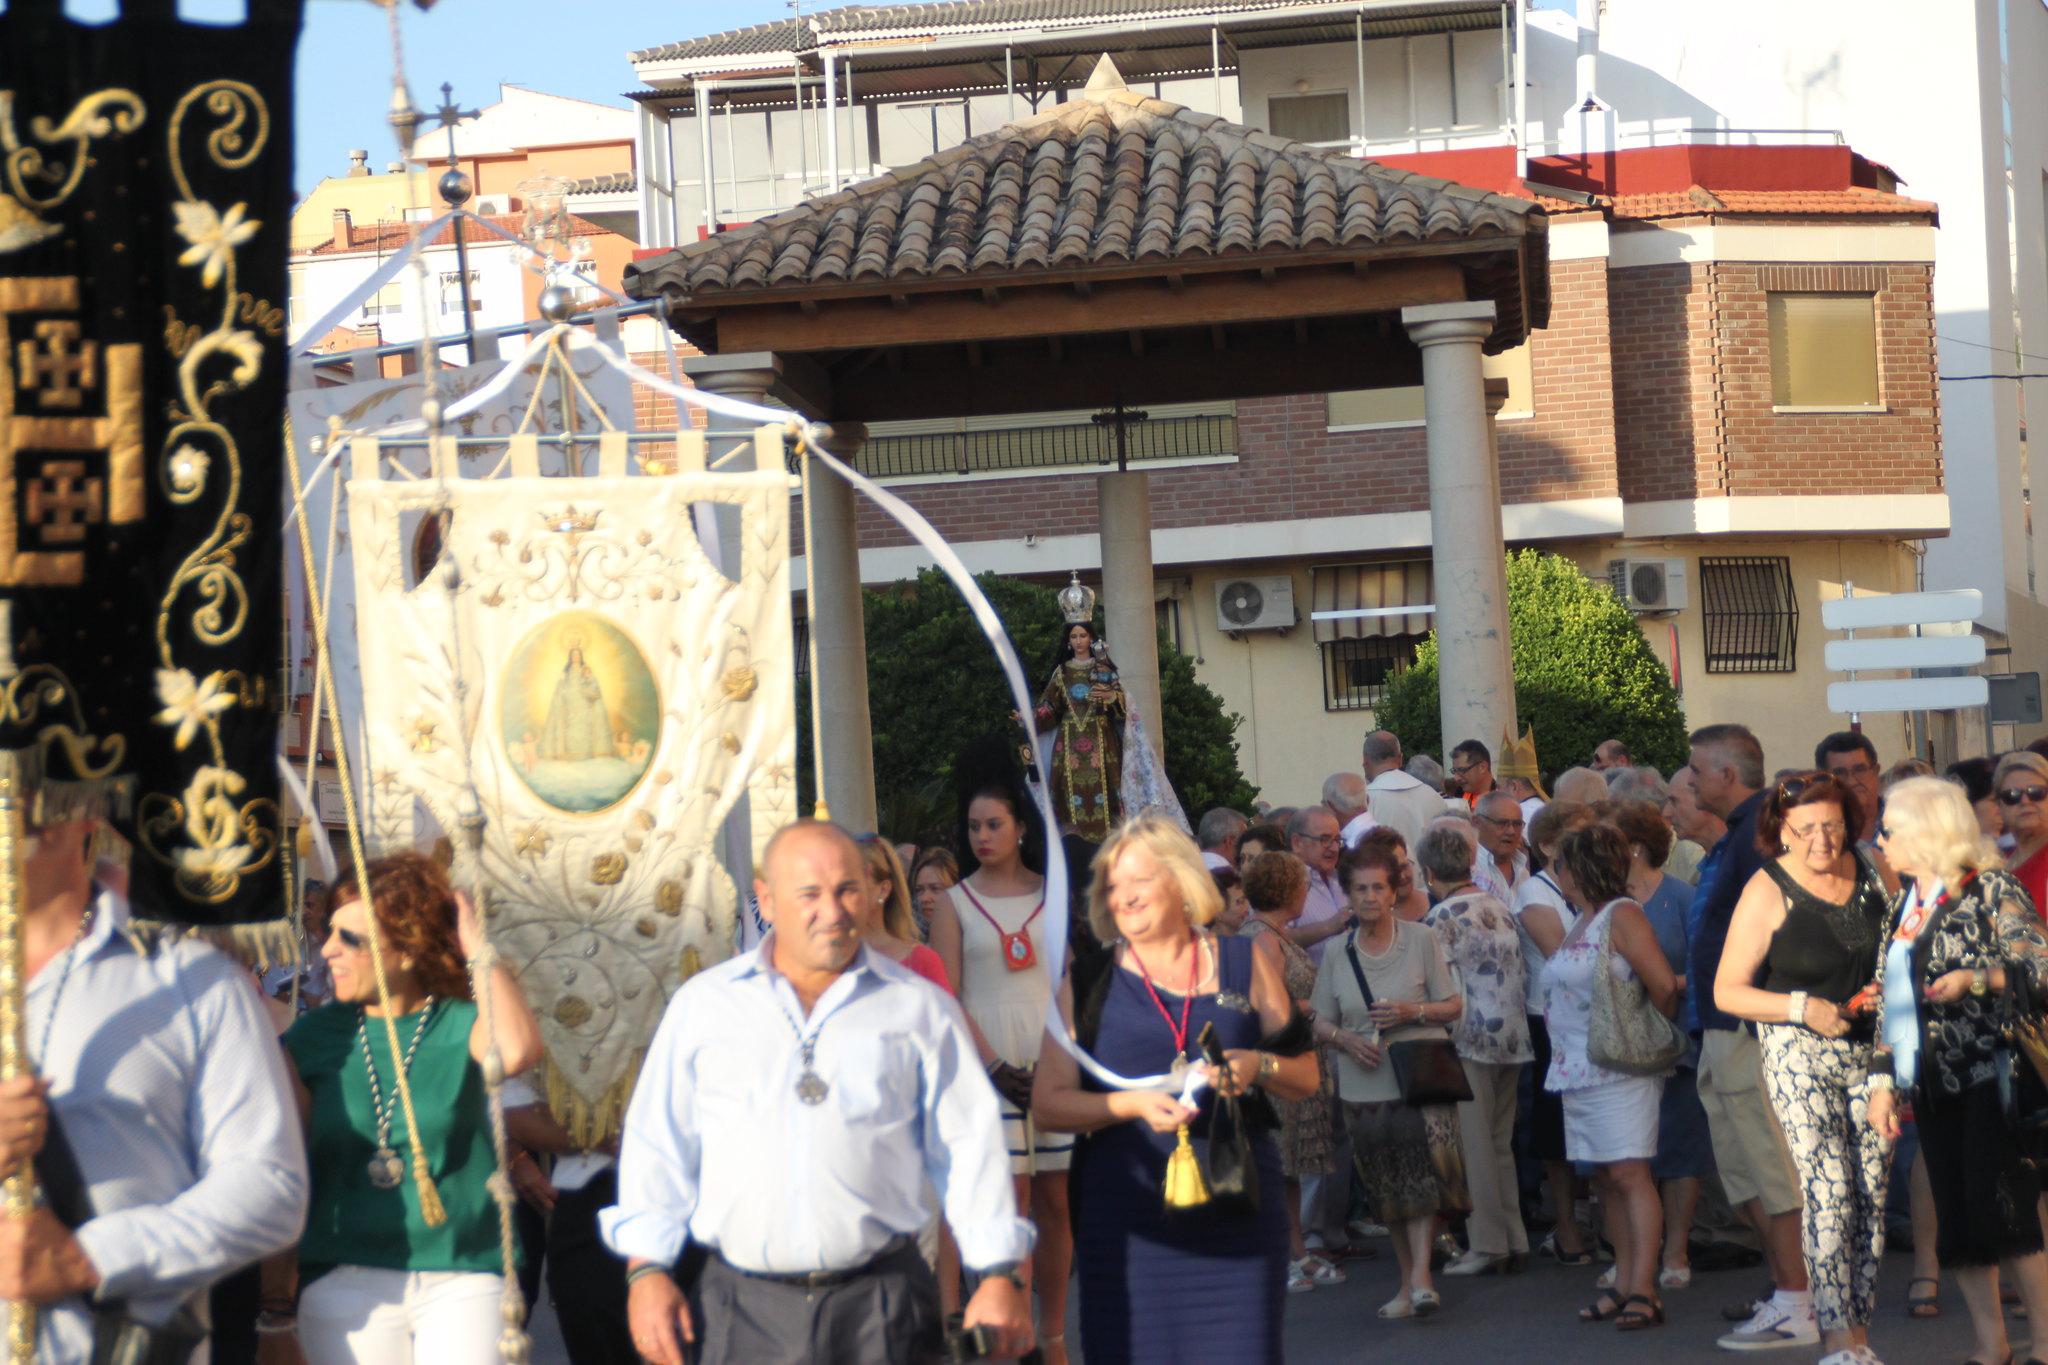 (2015-07-12) - Virgen del Carmen, parroquia La Santa Cruz - Javier Romero Ripoll (143)